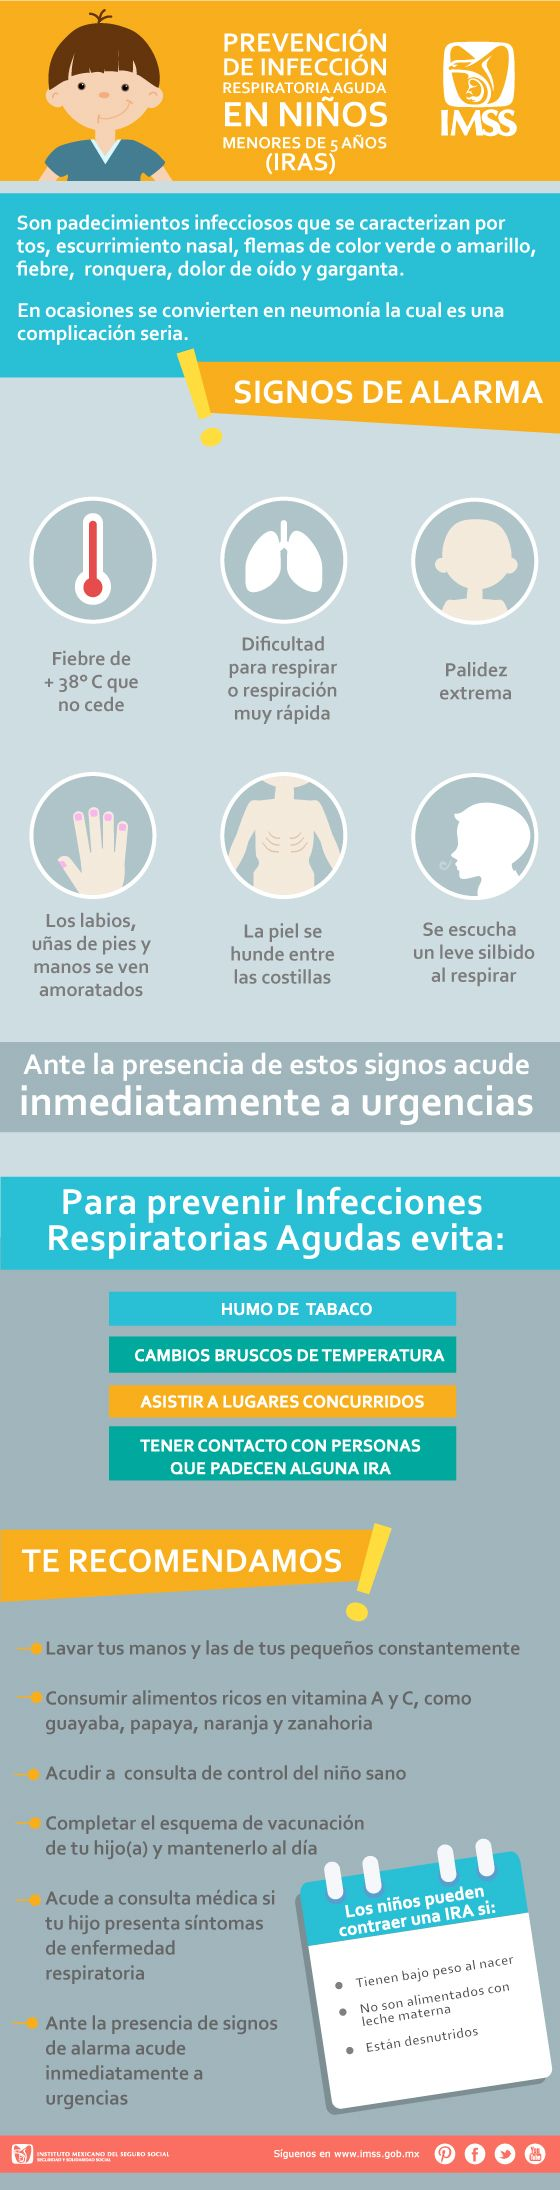 Son padecimientos infecciosos que se caracterizan por tos, escurrimiento nasal, flemas de color verde o amarillo, fiebre, ronquera, dolor de oído y garganta.